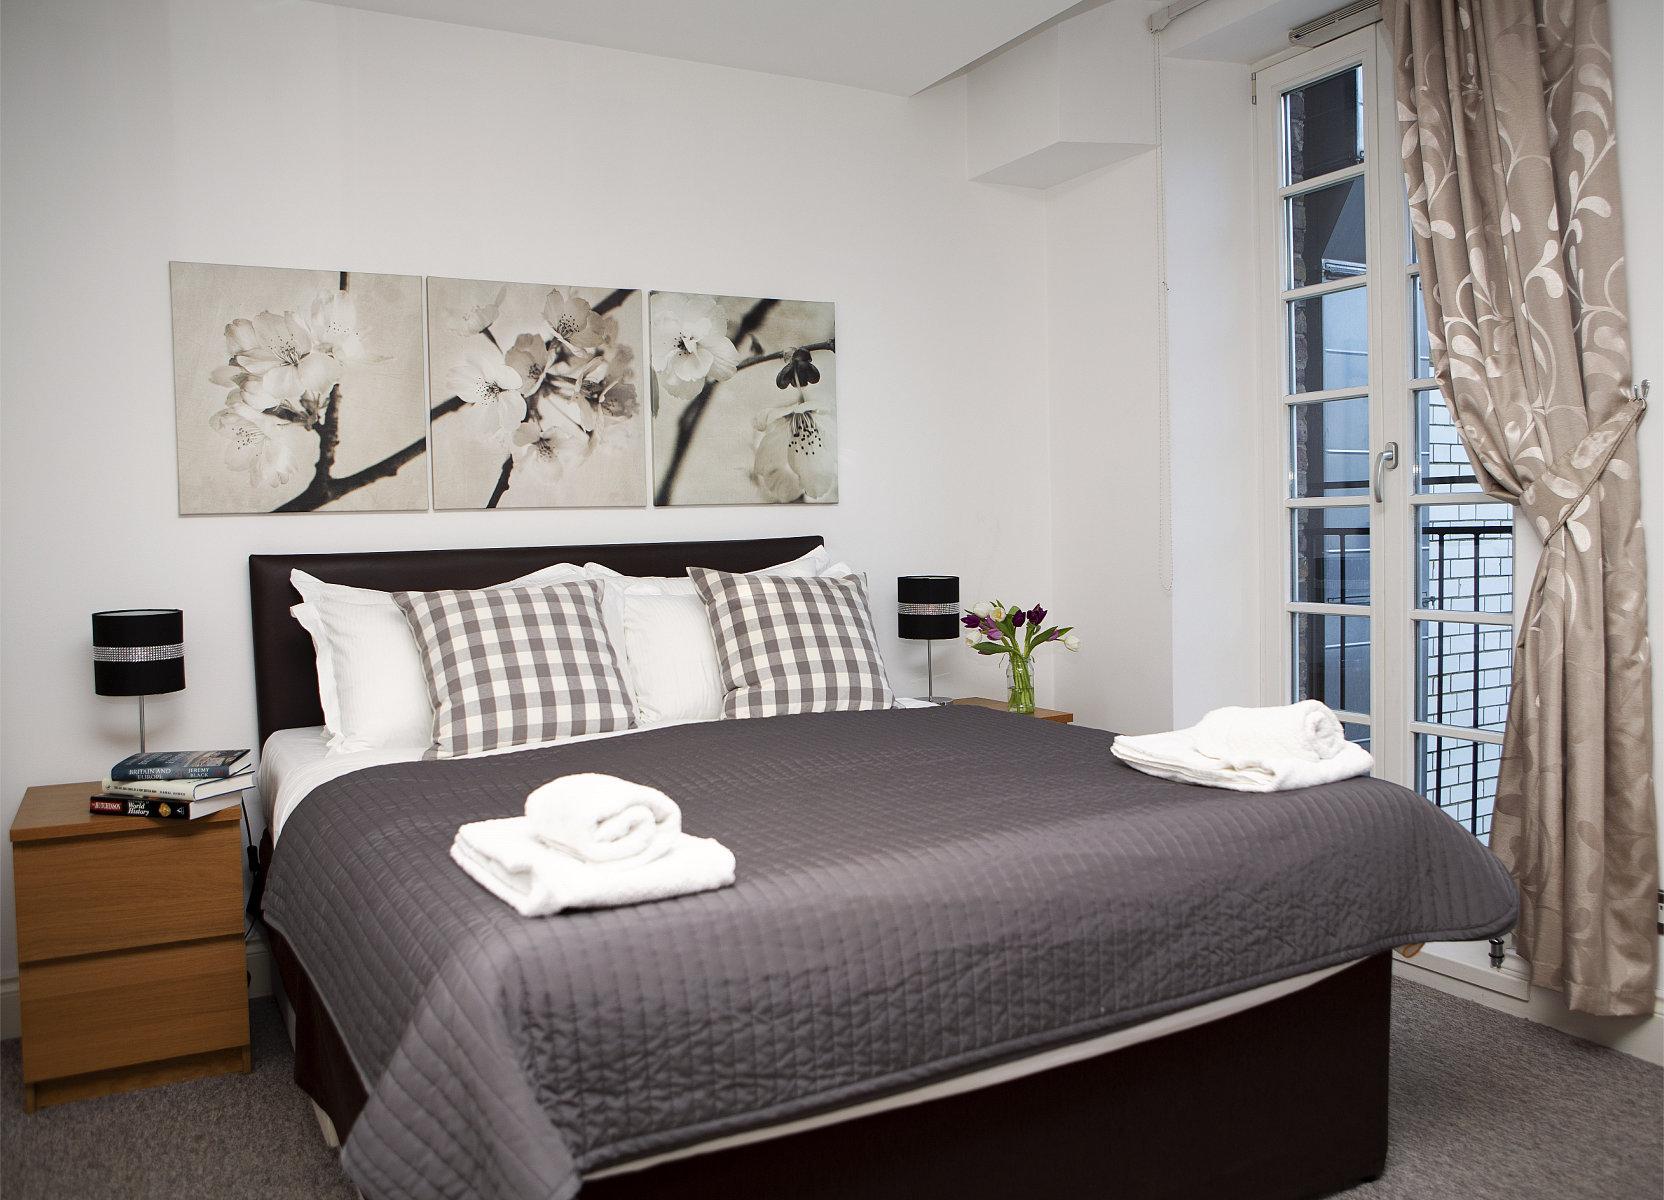 Trafalgar Square Apartments, Apartment 3, Covent Garden - Bedroom